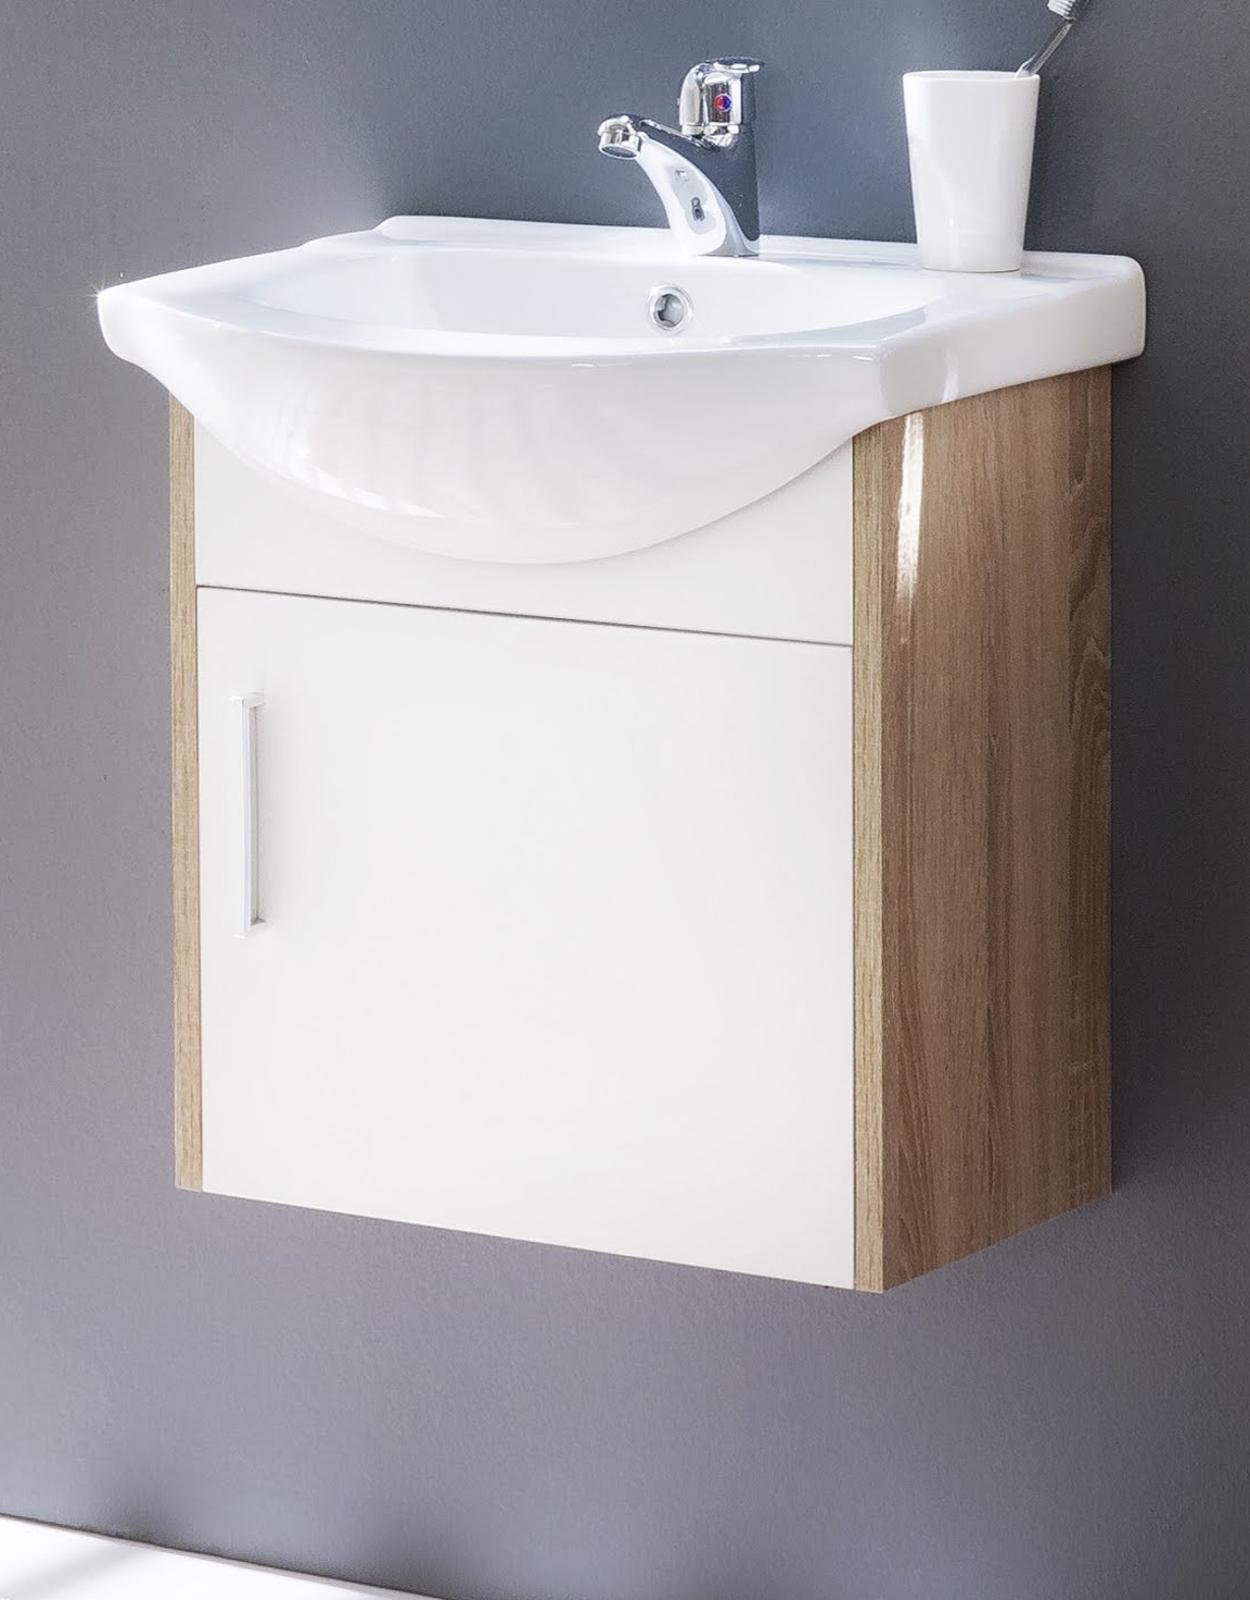 waschbeckenunterschrank jersey wei und eiche s gerau. Black Bedroom Furniture Sets. Home Design Ideas